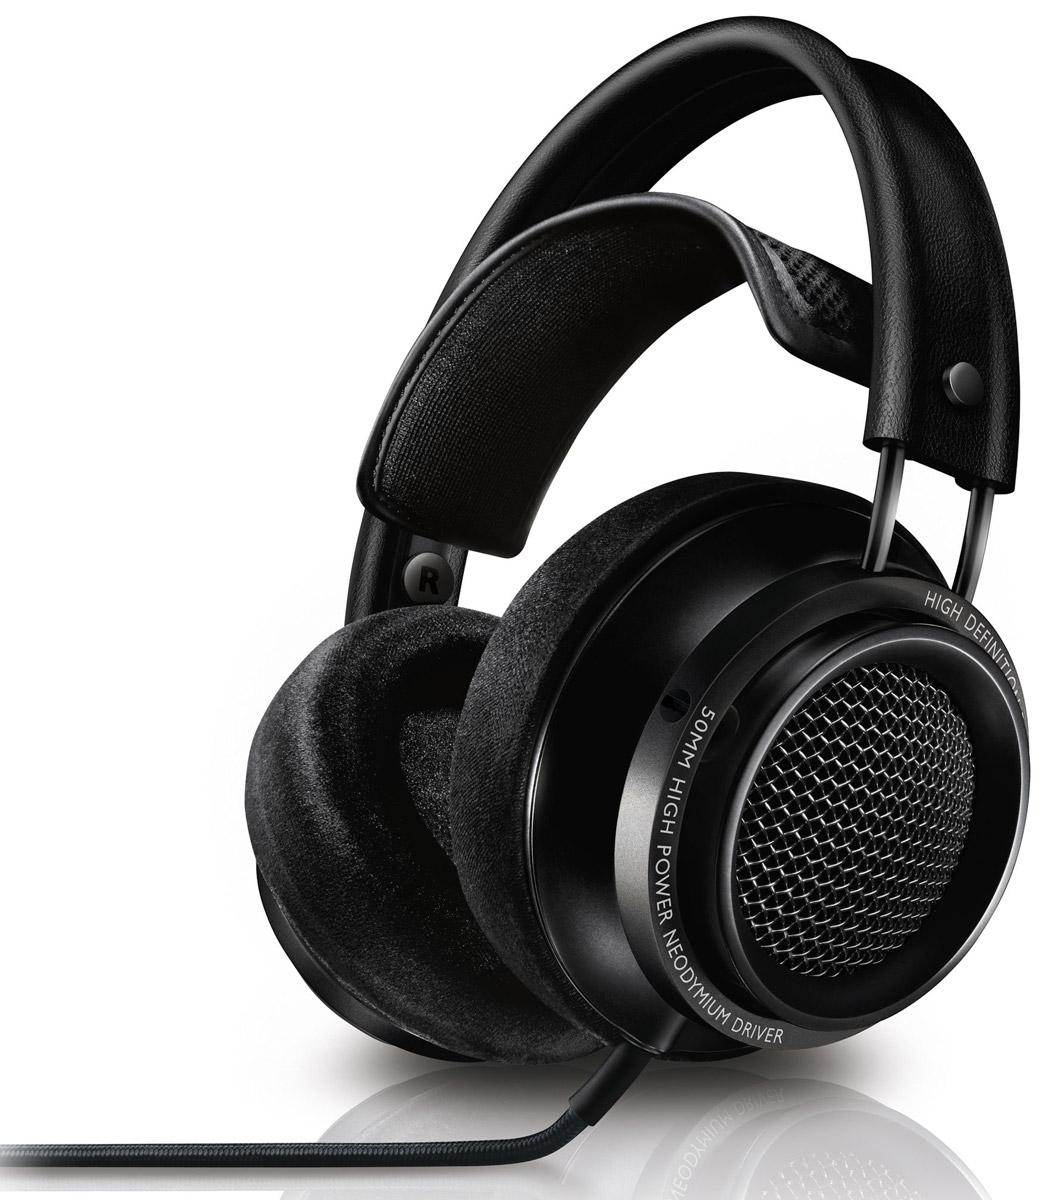 Philips Х2/00 наушникиX2/00Наушники Philips Х2/00 - это звук высокой четкости студийного качества в комфортных домашних условиях. Данная модель соответствует строжайшим стандартам качества и сертифицирована для воспроизведения звука высокого разрешения. Независимо от источника звука, будь то коллекция высококачественных музыкальных треков или более традиционные музыкальные композиции, наушники Fidelio обеспечивают безупречное звучание с расширенным диапазоном высоких частот, что позволяет открыть для себя новые грани музыки. Каждый динамик старательно отбирают, настраивают и тестируют, подбирая пары для гарантии детализированного естественного звучания. В 50-мм излучателях используются высокомощные неодимовые магниты для воспроизведения всех нюансов музыки: сбалансированных четких басов, ясных средних частот и точных высоких частот. Акустическая конструкция открытого типа исключает воздушное давление позади излучателя, обеспечивая свободное движение диафрагмы,...